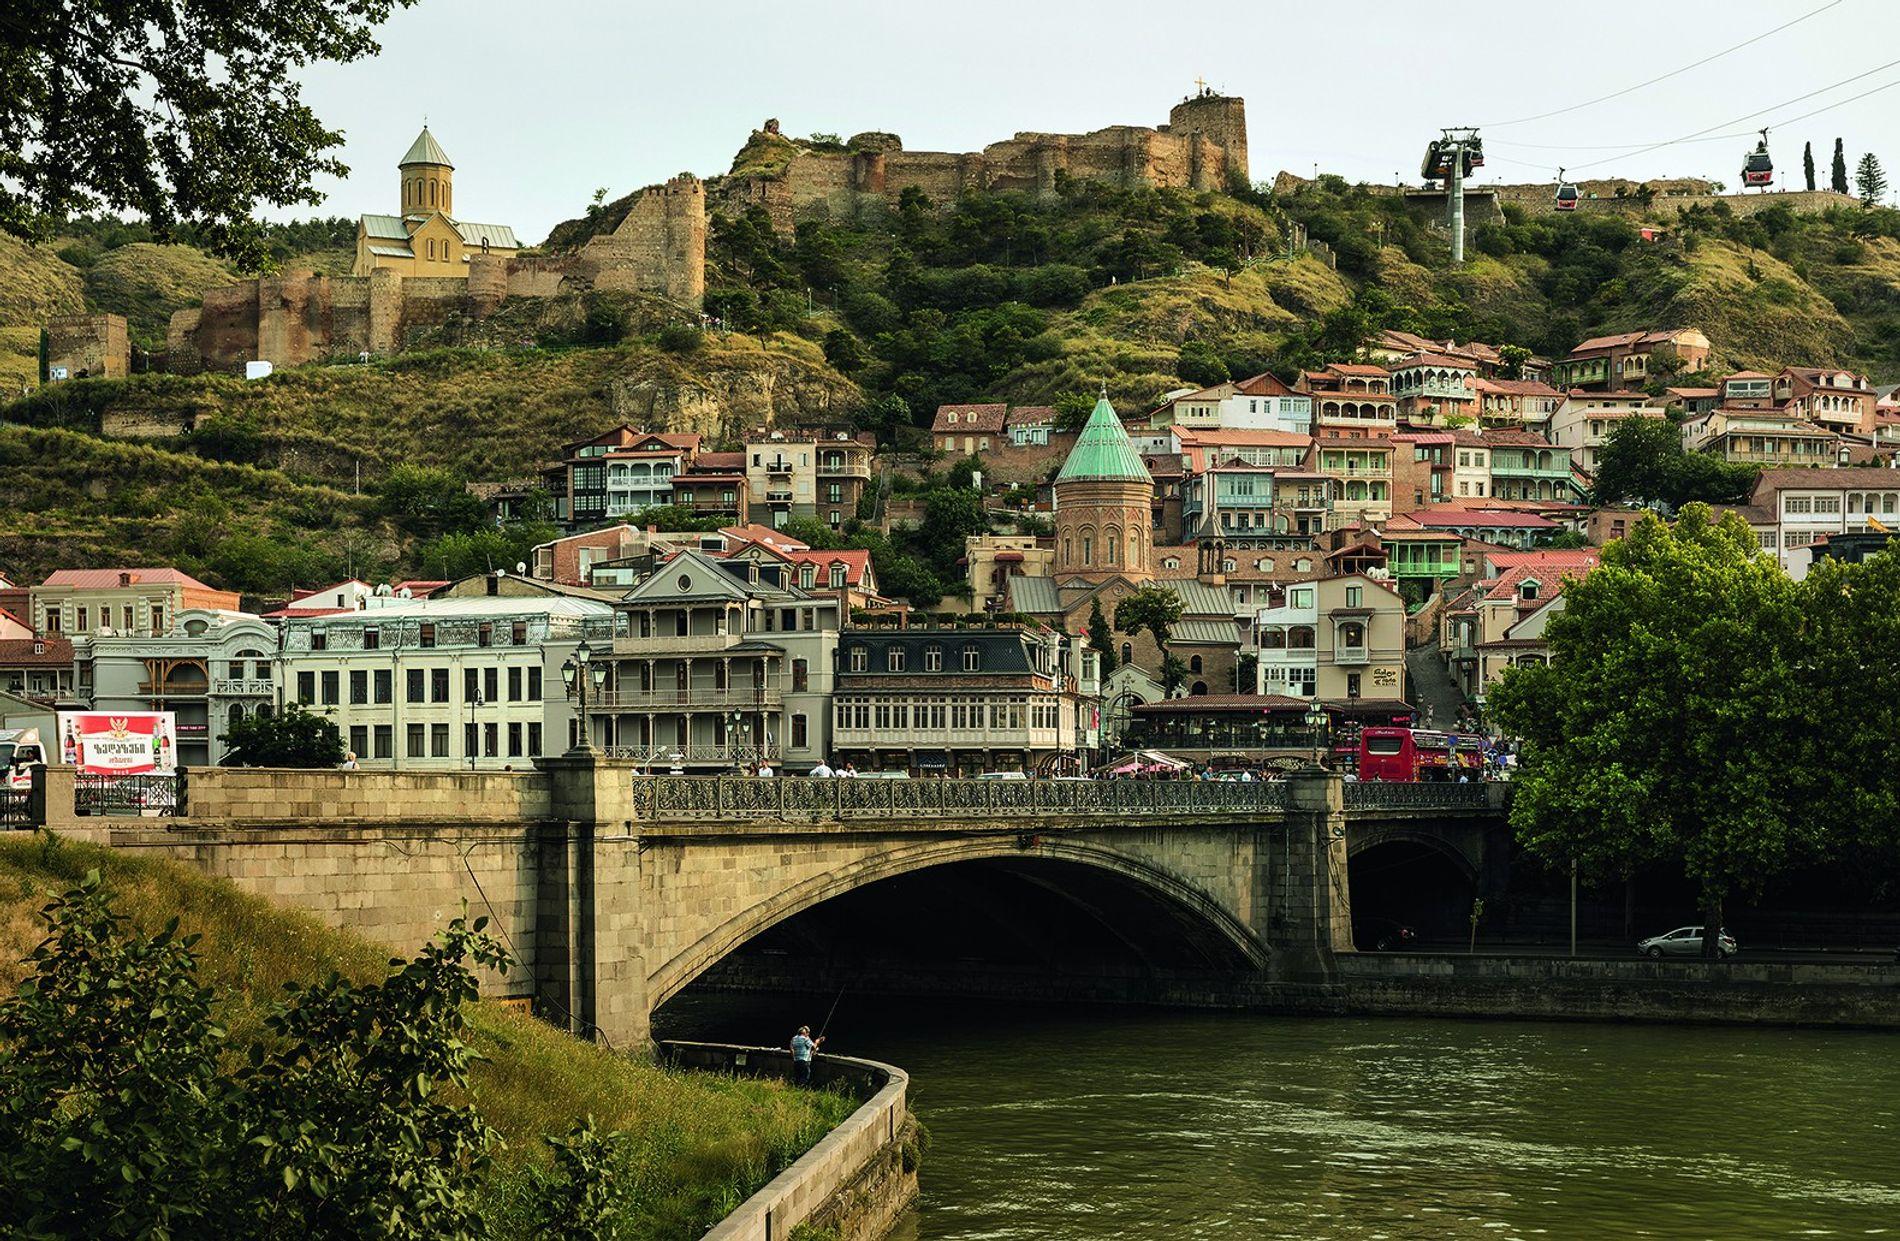 Die Nariqala-Festung und die Türme der orthodoxen Kirchen in der Altstadt von Tiflis erinnern an die alte, wechselhafte Geschichte.